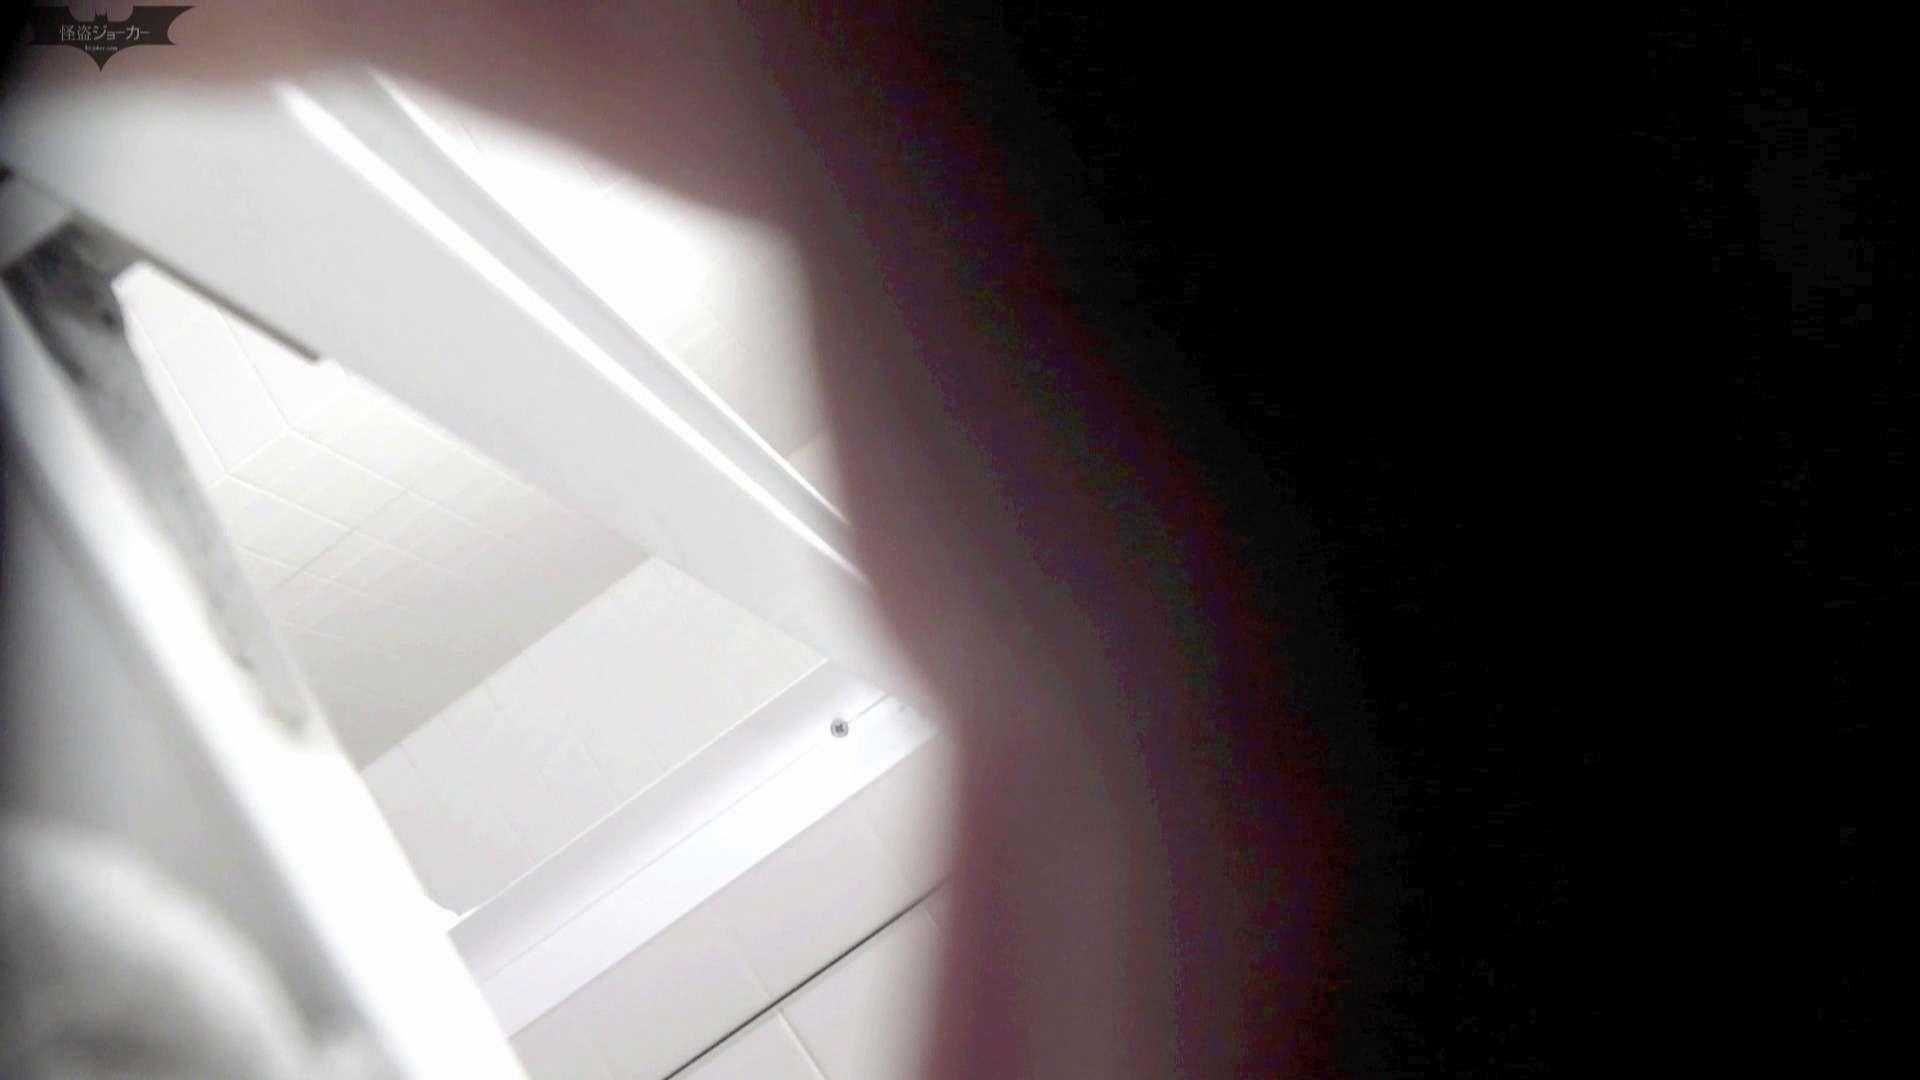 お銀 vol.68 無謀に通路に飛び出て一番明るいフロント撮り実現、見所満載 洗面所  94連発 12